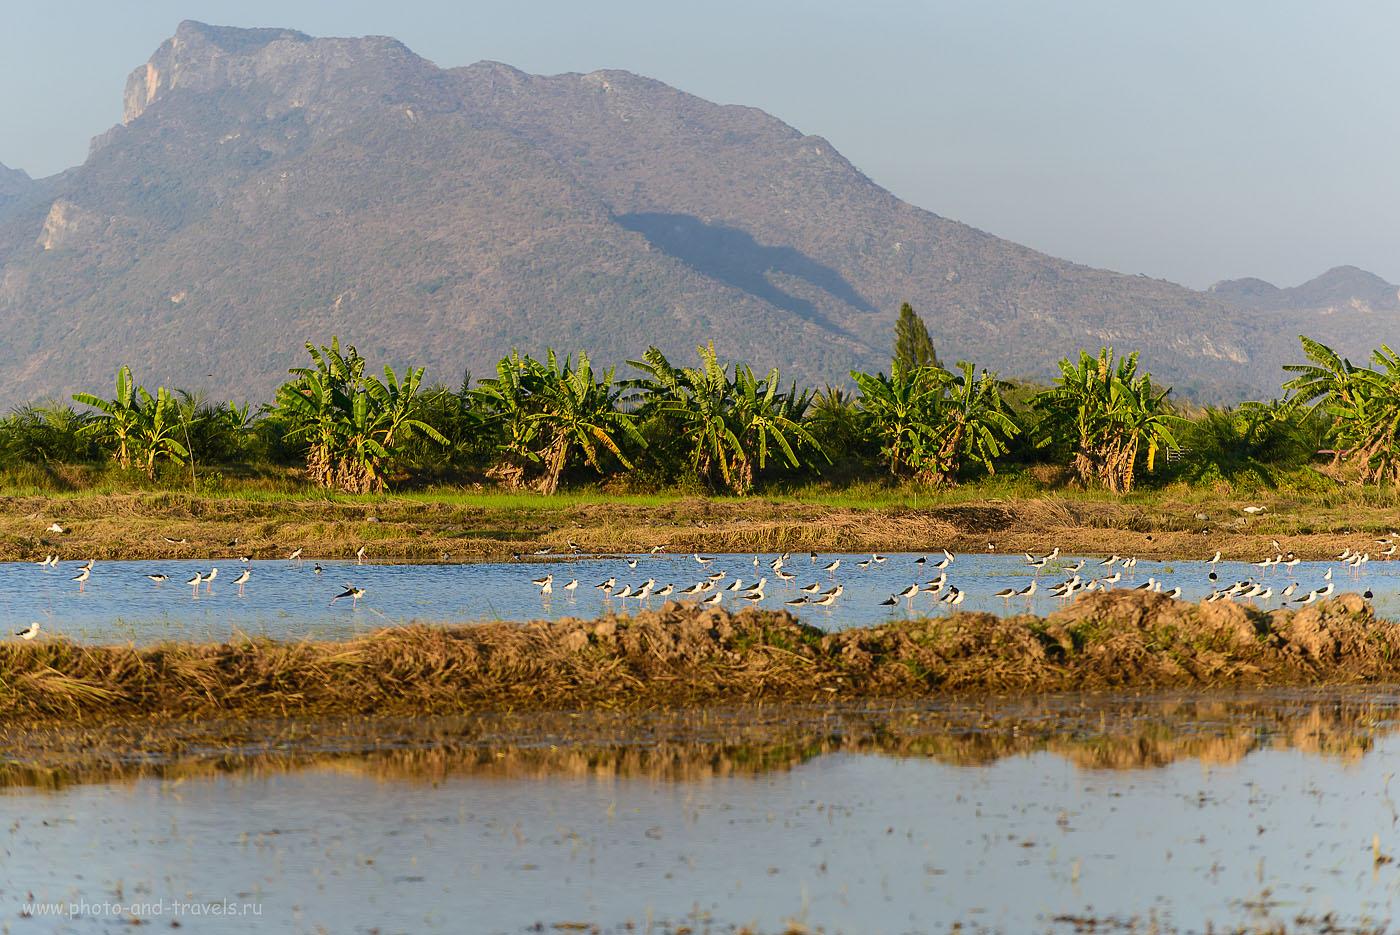 Фотография 23. Великолепное место для фотоохоты. Окрестности города Хуахин. Отзывы об отдыхе в Таиланде (200, 140, 5.0, 1/800)